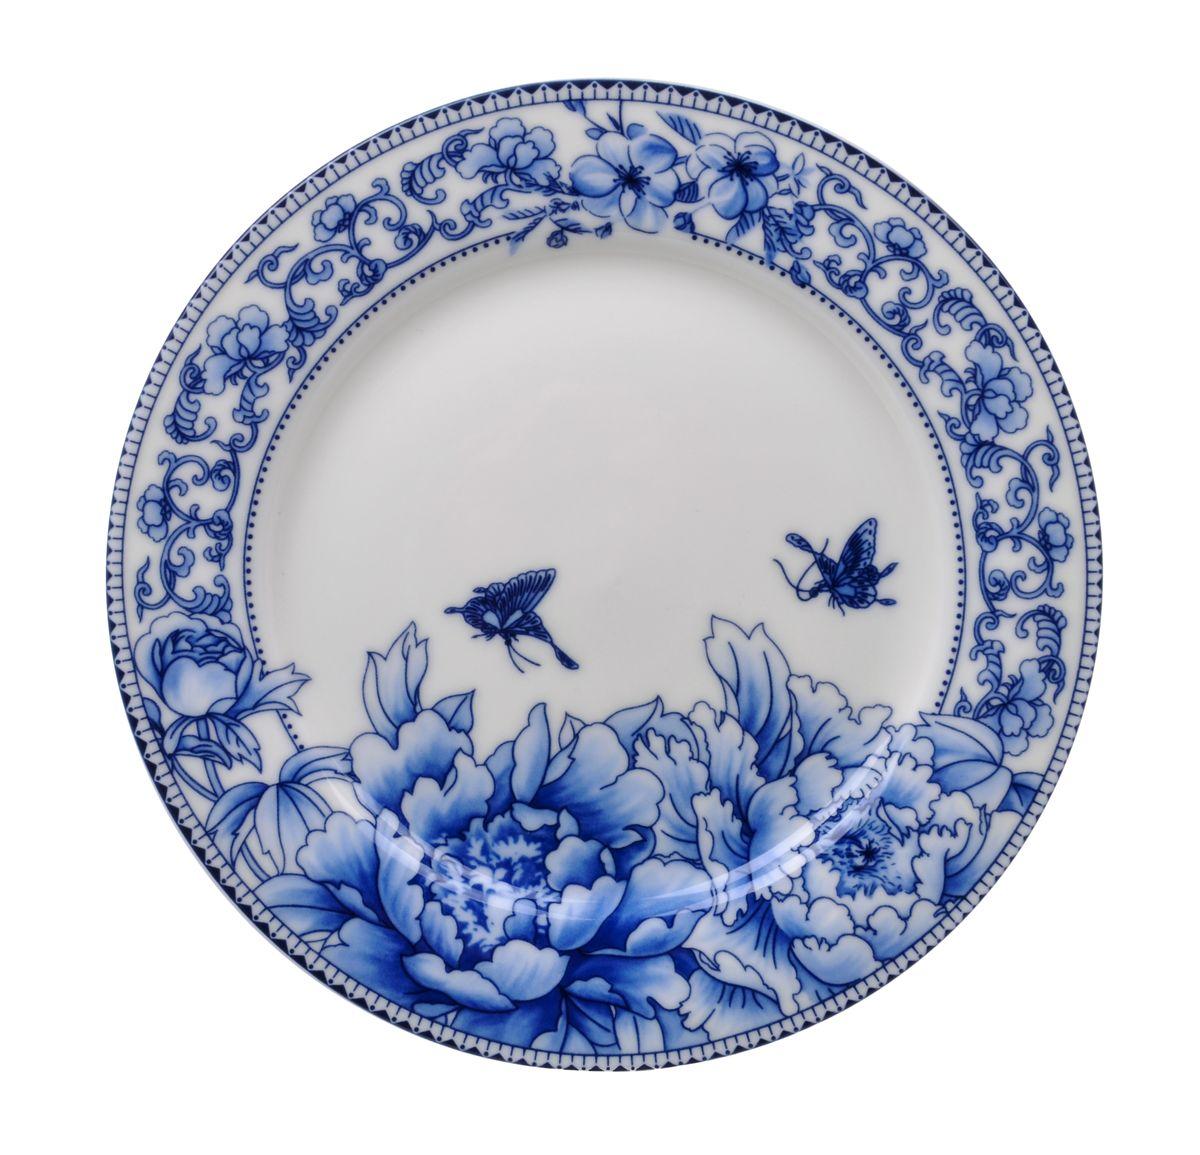 Тарелка десертная Nanshan Porcelain Наньшань, диаметр 19 см115510Тарелка десертная Nanshan Porcelain Наньшань изготовлена из высококачественной керамики. Предназначена для красивой подачи различных блюд. Изделие украшено ярким рисунком. Такая тарелка украсит сервировку стола и подчеркнет прекрасный вкус хозяйки.Можно мыть в посудомоечной машине и использовать в микроволновой печи. Диаметр: 19 см.Высота: 1,5 см.